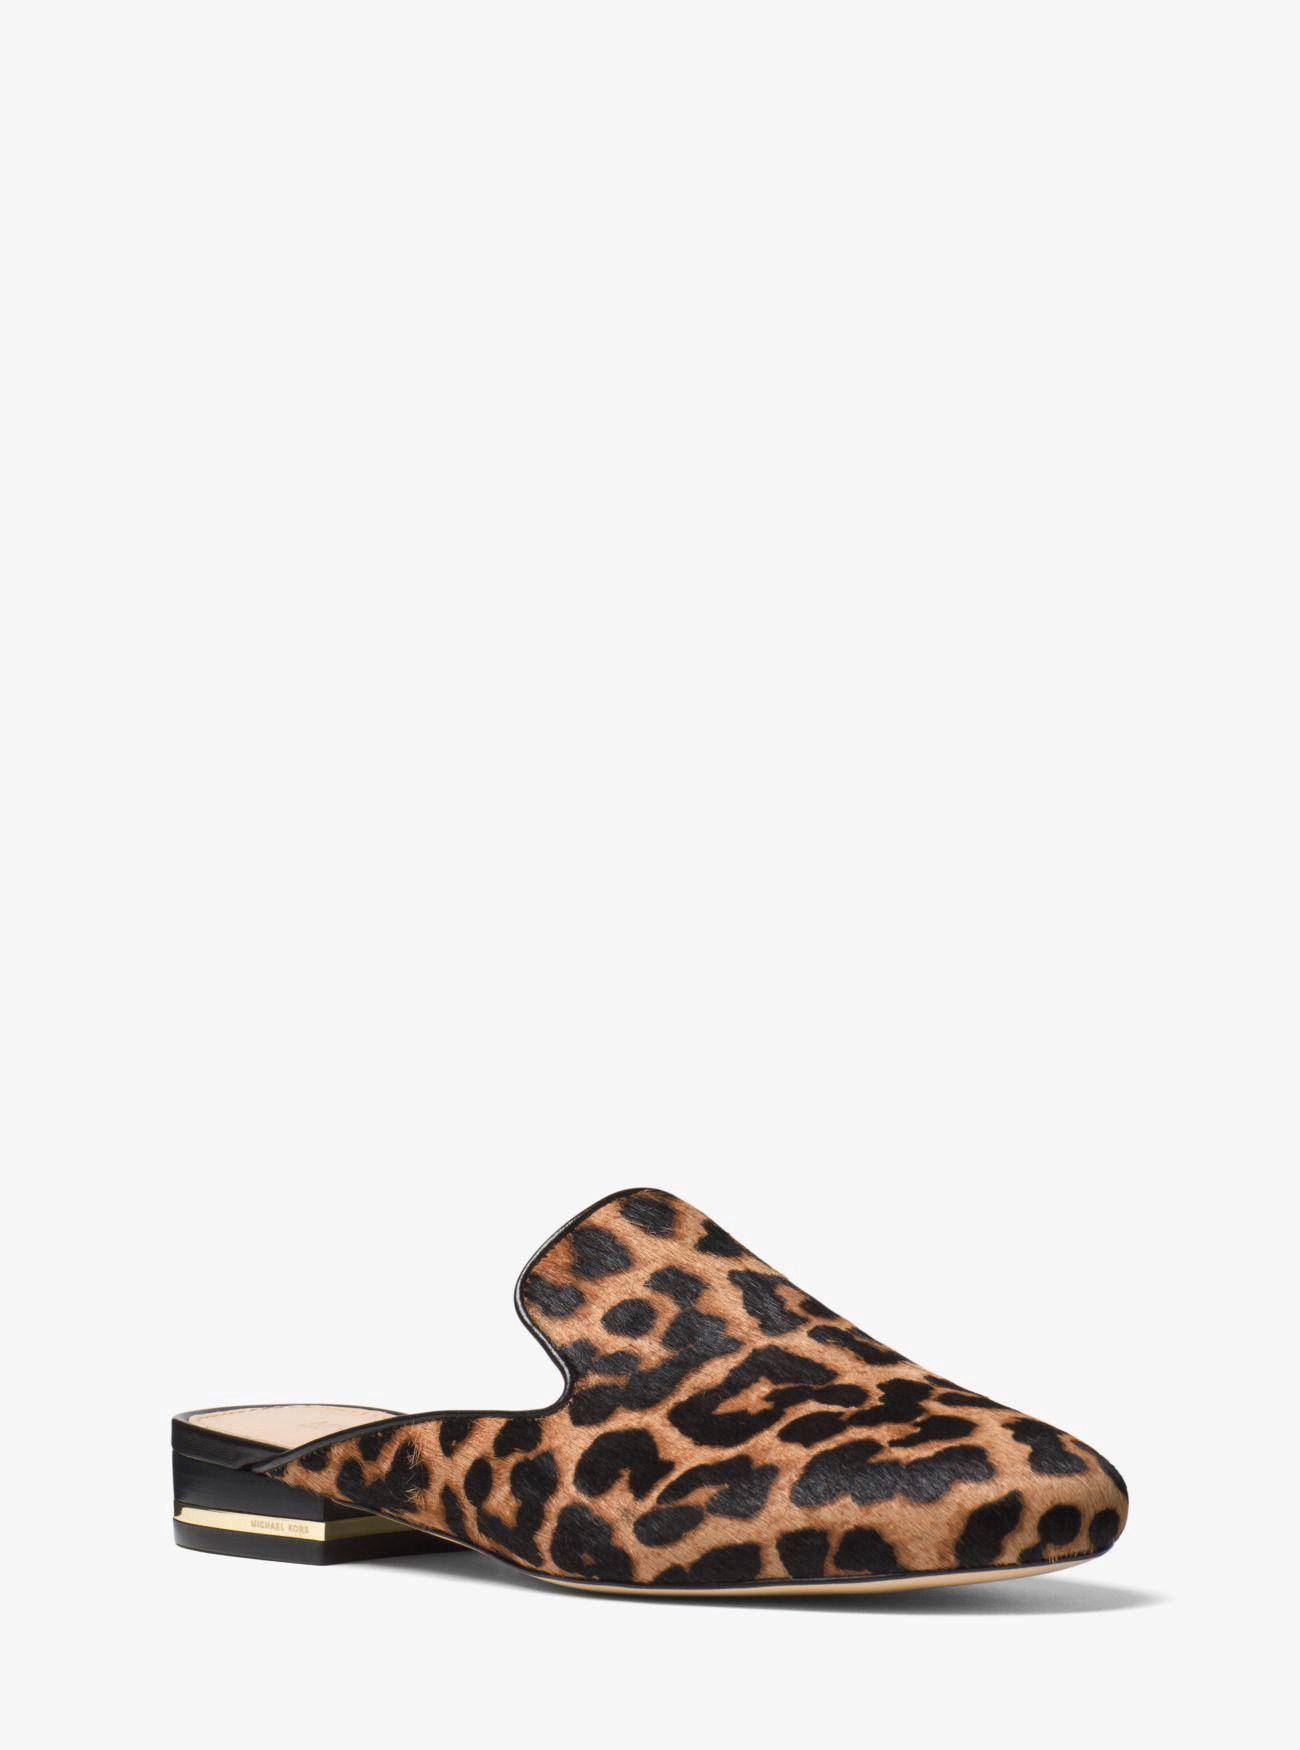 c8459e97705e MICHAEL KORS Natasha Leopard Calf Hair Slide. #michaelkors #shoes ...